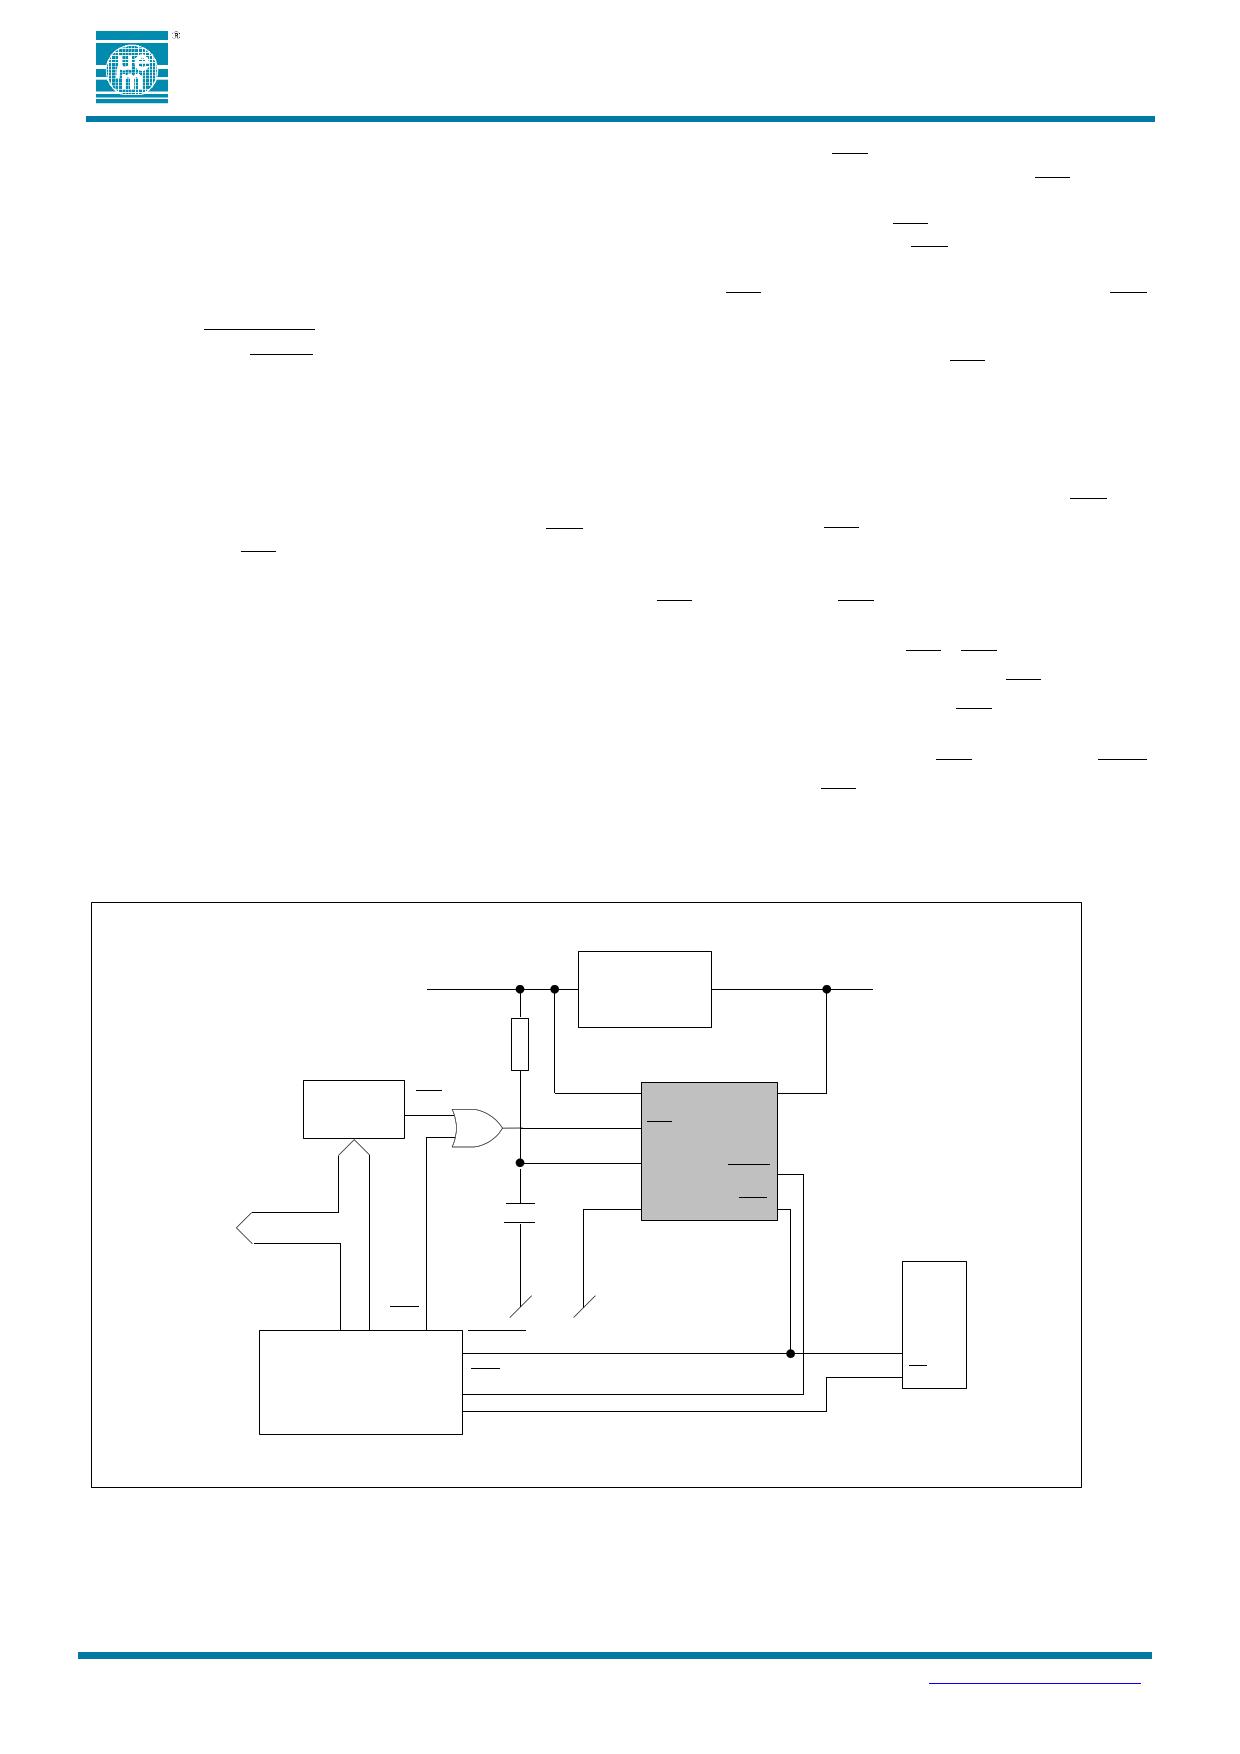 H6060 pdf